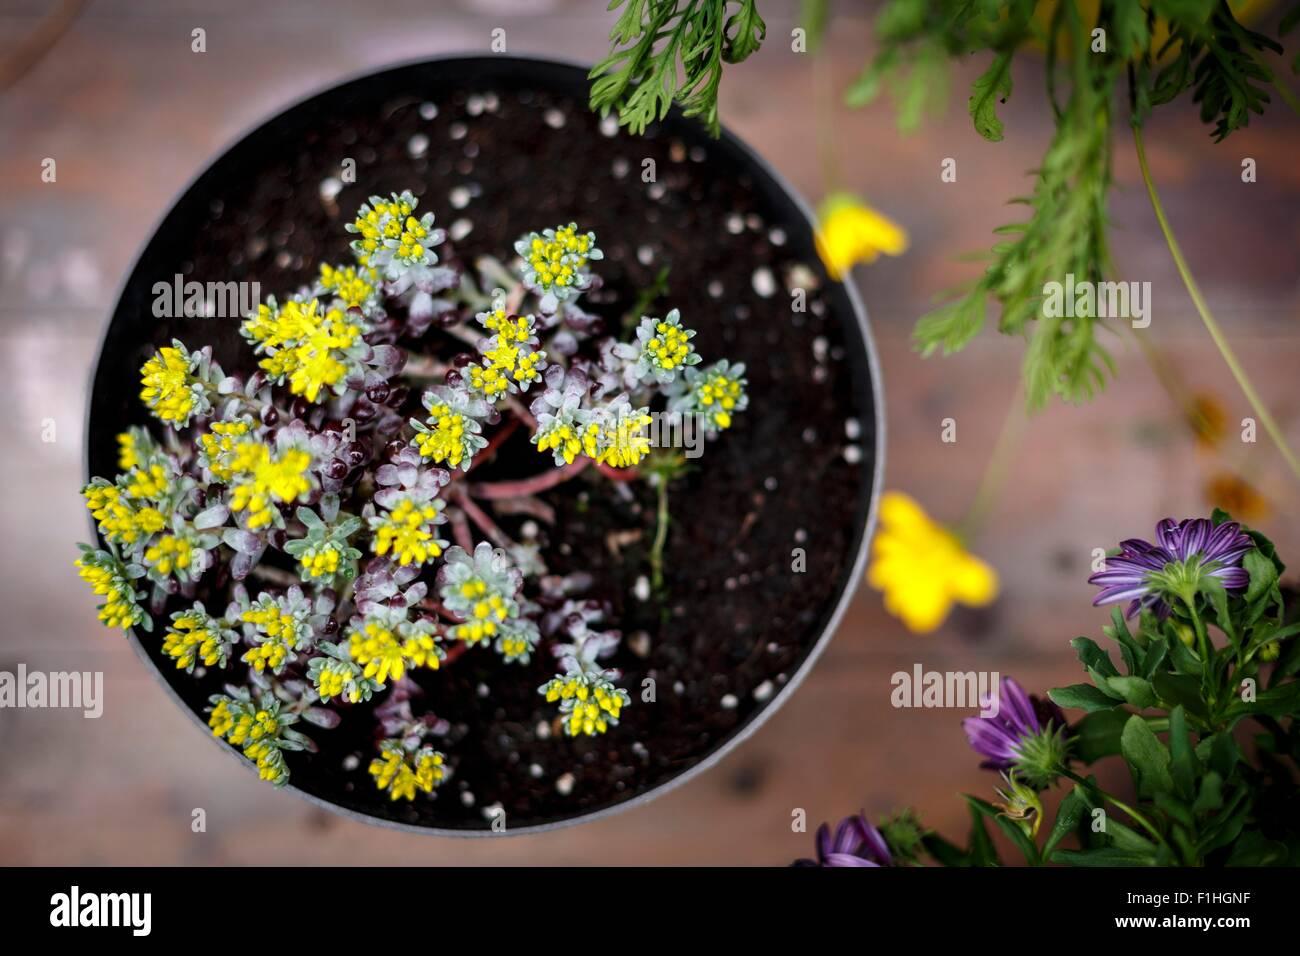 Angolo di alta vista di pianta pot con piccole foglie di giallo Immagini Stock